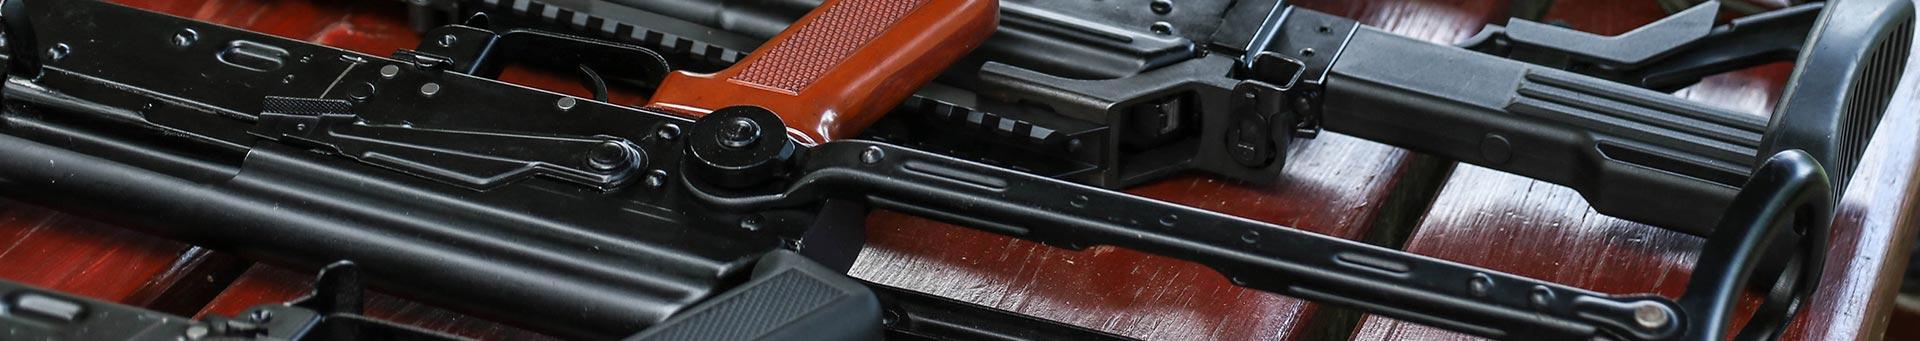 Pozwolenie na broń do celów kolekcjonerskich